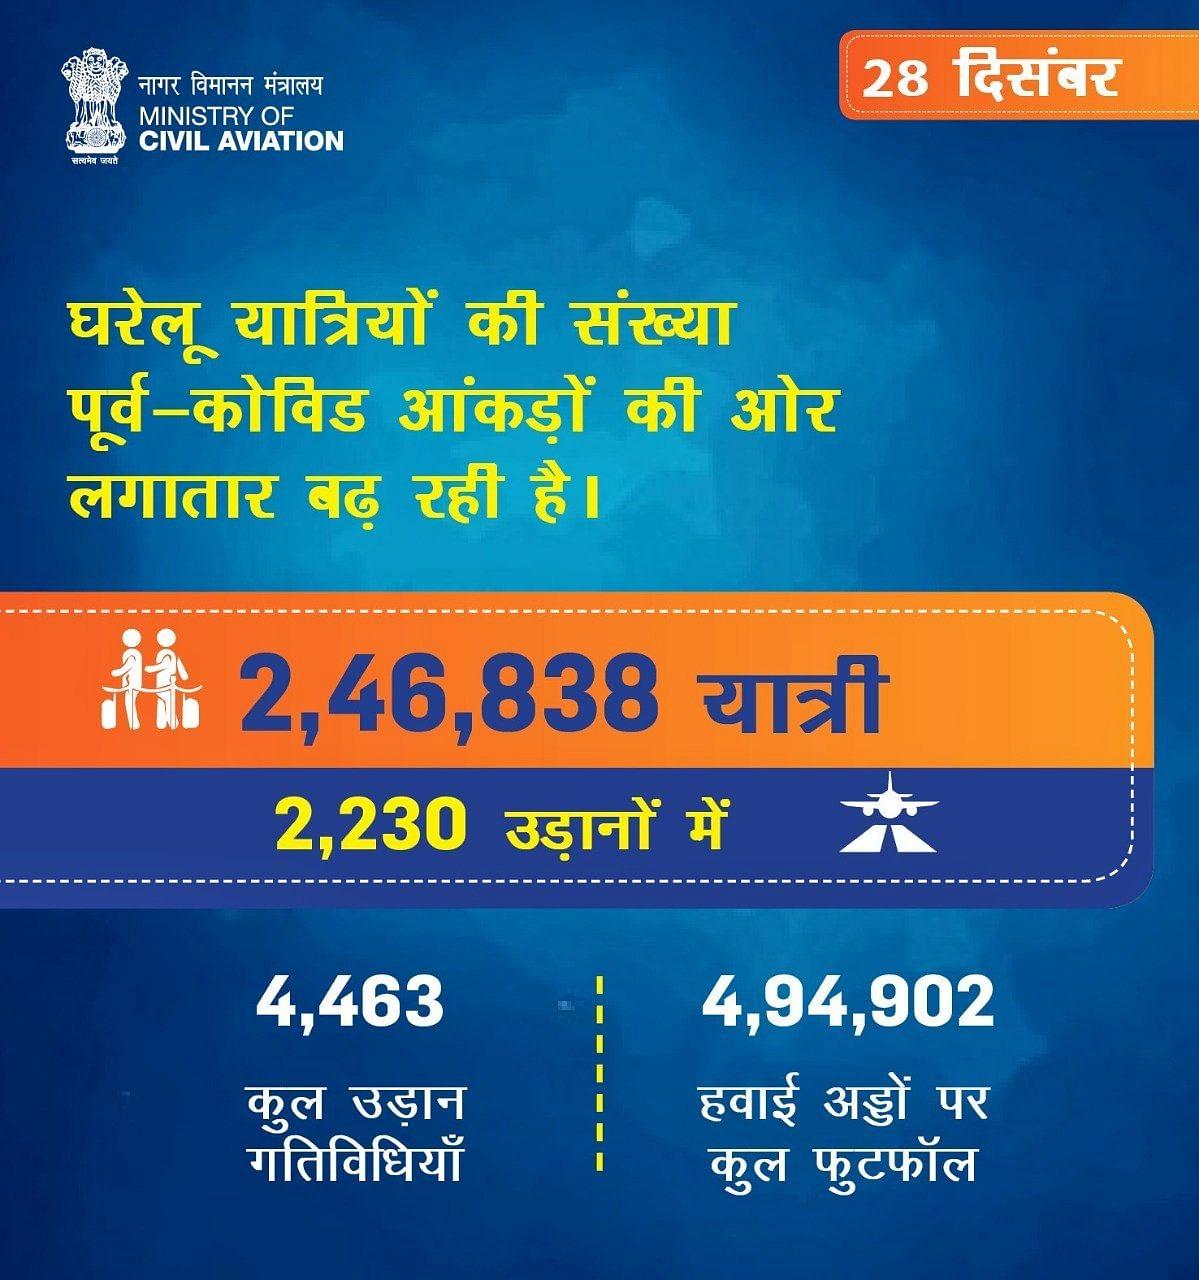 घरेलु यात्रियों की संख्या 28 दिसंबर को बढ़कर 2,46,838 पर पहुँच गई है